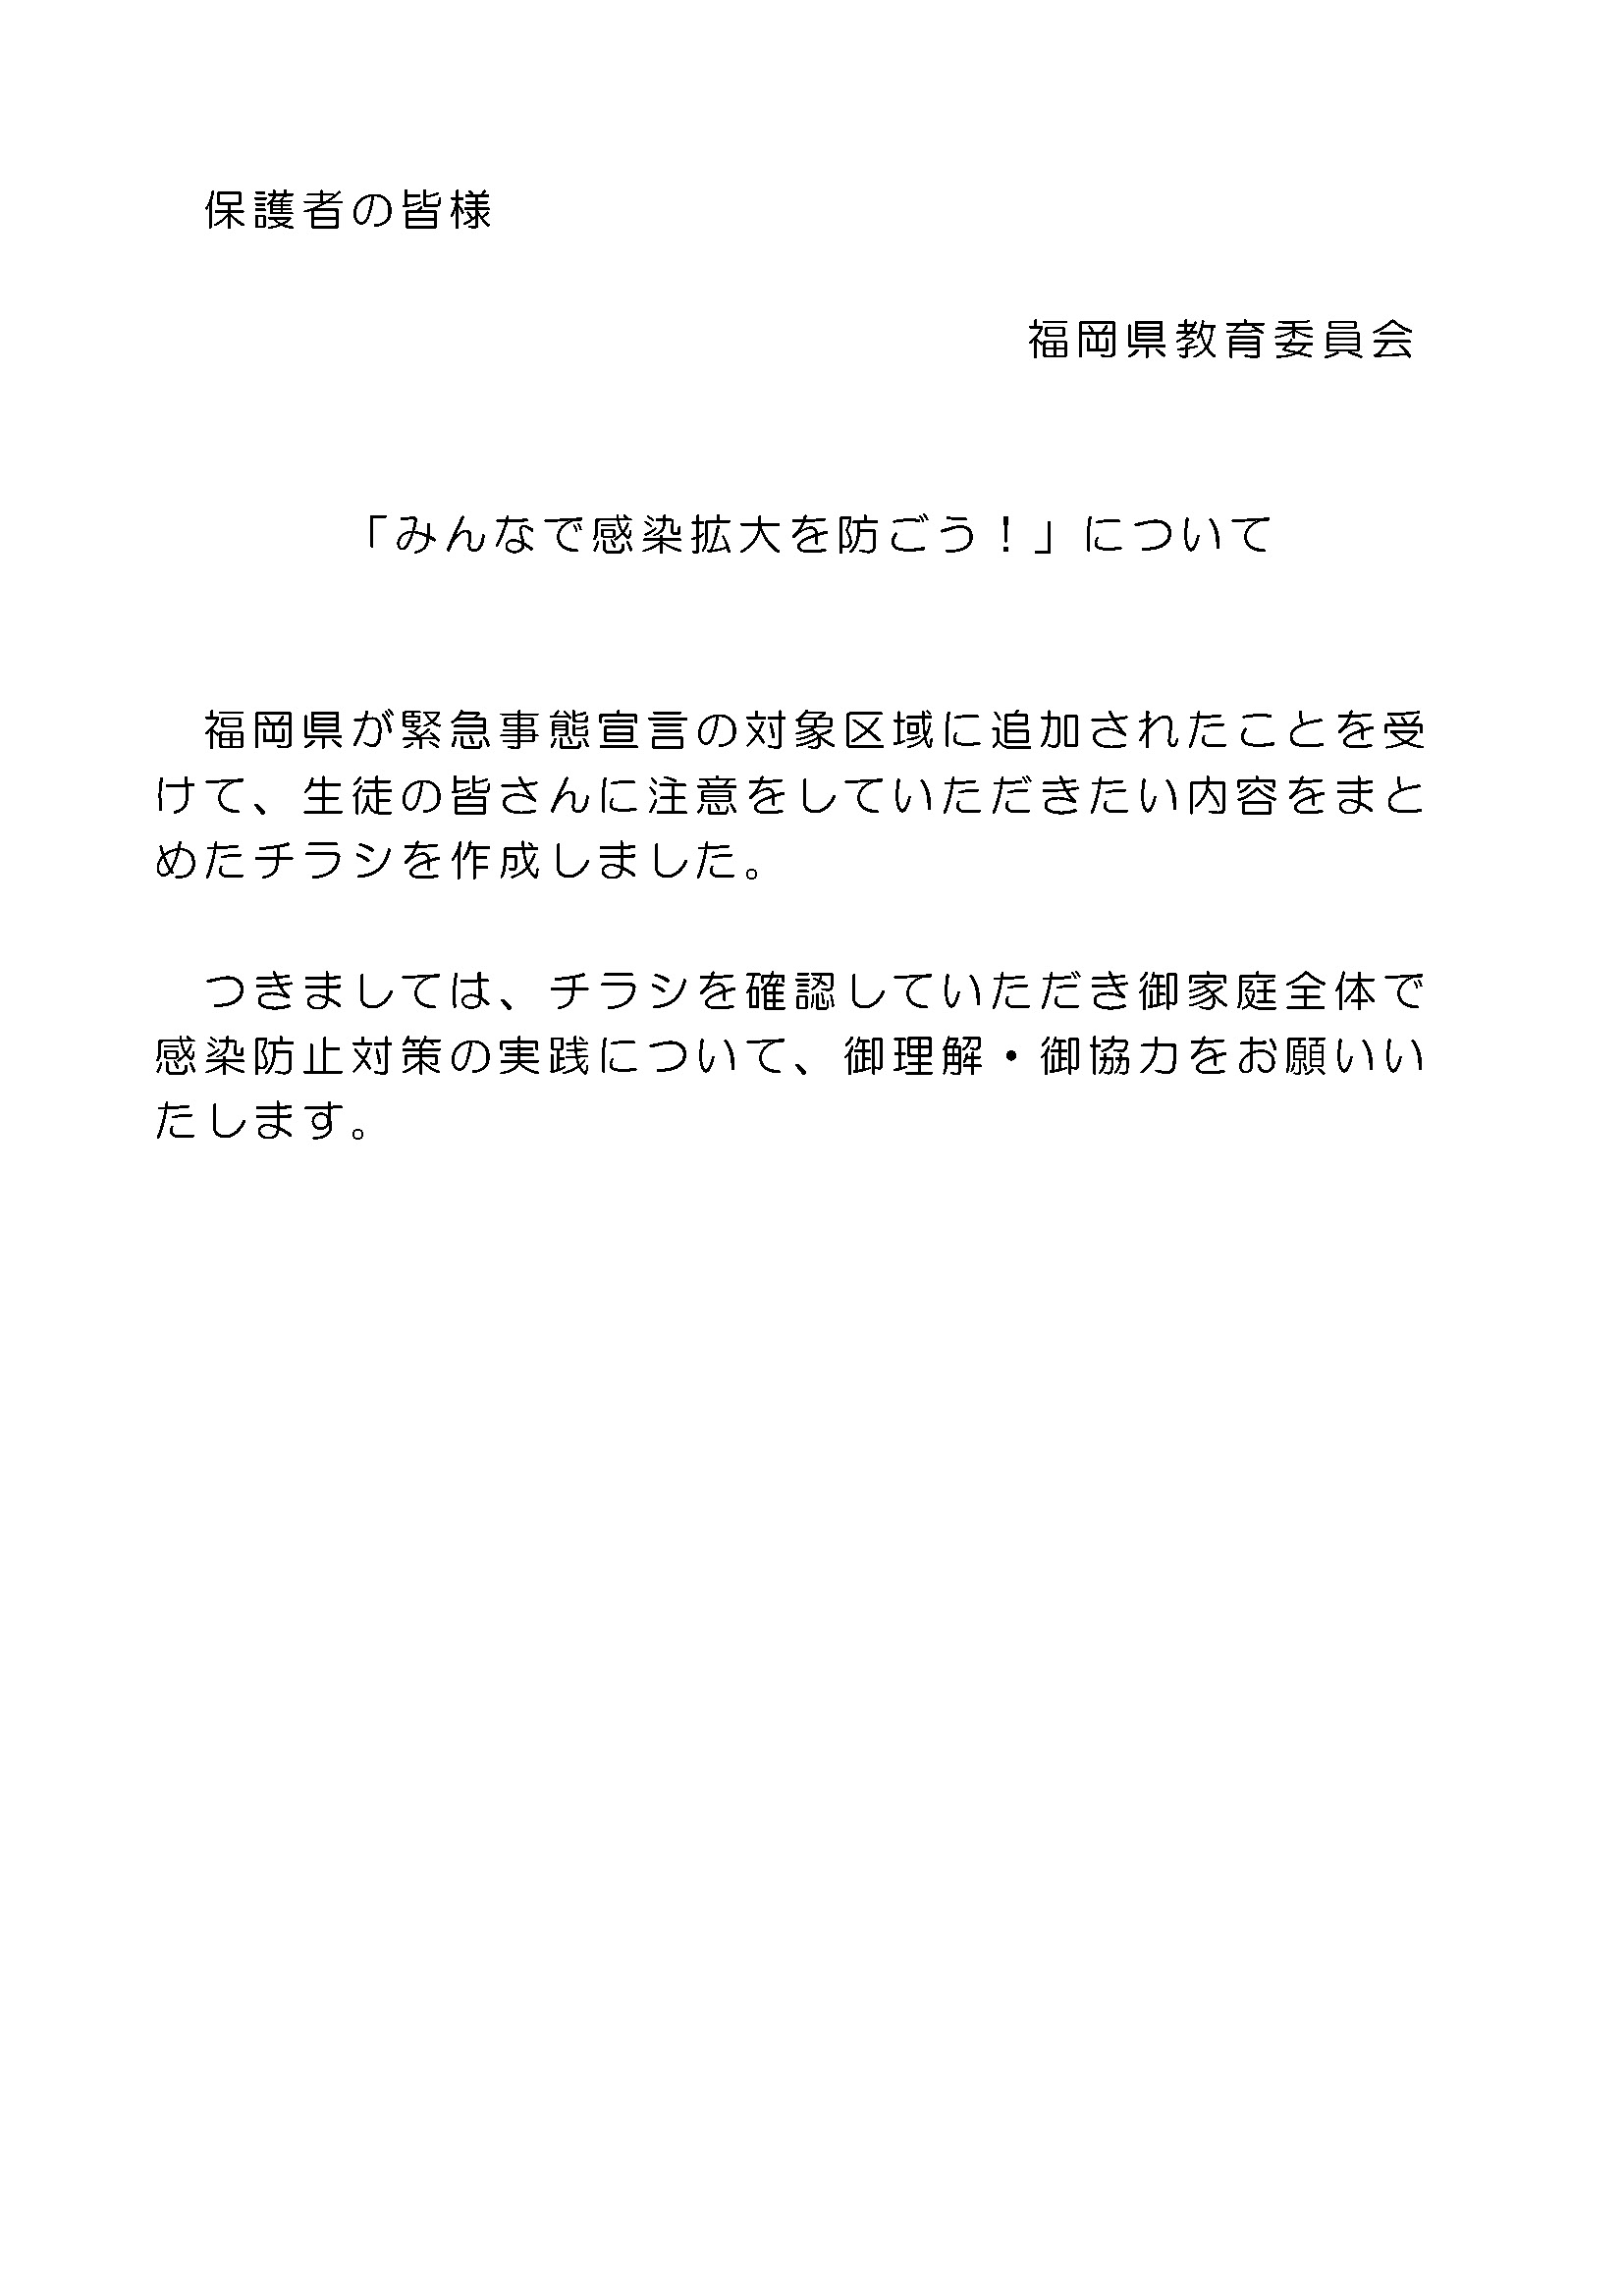 緊急 事態 宣言 福岡